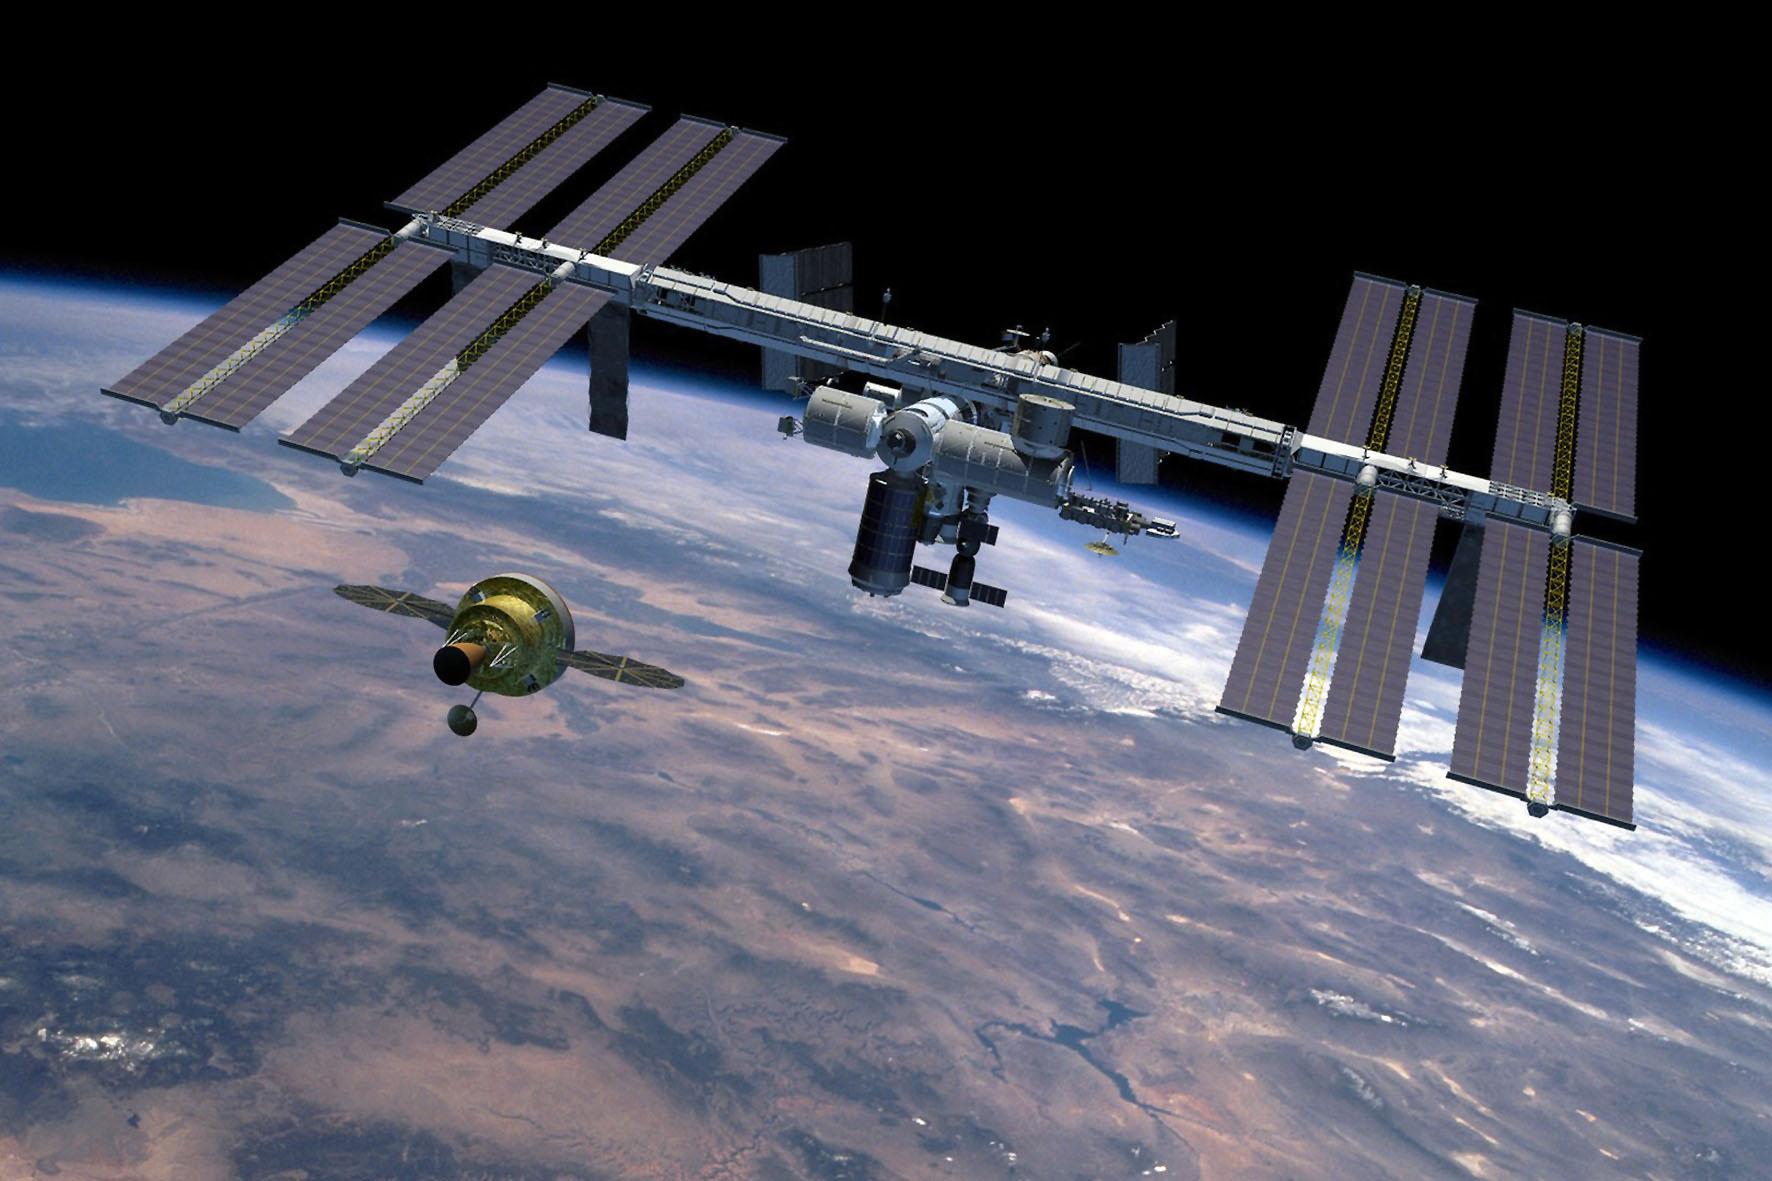 Die ISS ist zurzeit das größte künstliche Objekt im Erdorbit. Sie kreist in etwa 416 Kilometern Höhe alle 91 Minuten um die Erde und hat eine maximale Abmessung von etwa 110 mal 100 mal 30 Metern. Foto: djd/National Geografic Channel/NASA